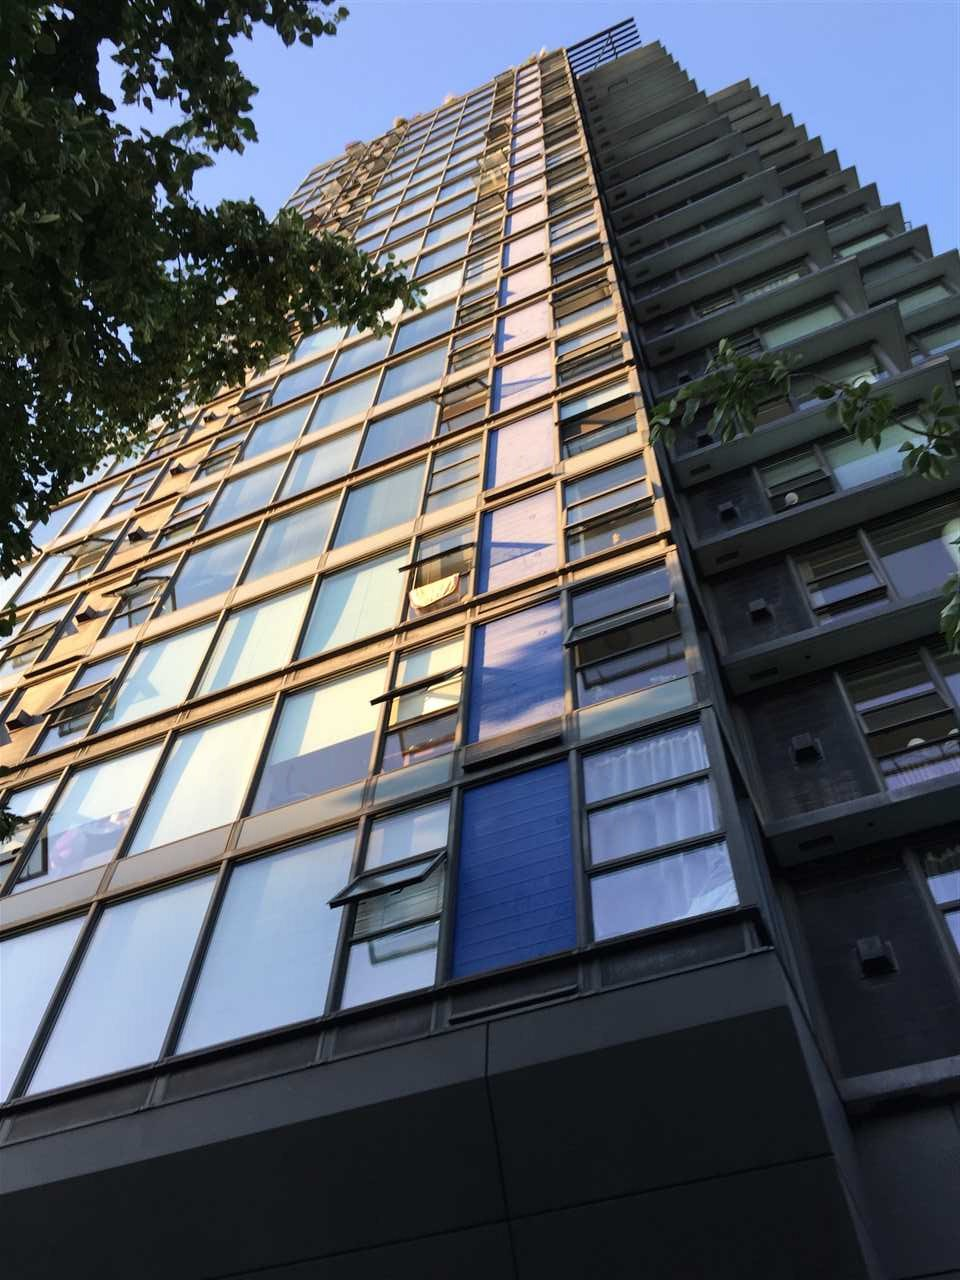 Condo Apartment at 505 1723 ALBERNI STREET, Unit 505, Vancouver West, British Columbia. Image 1